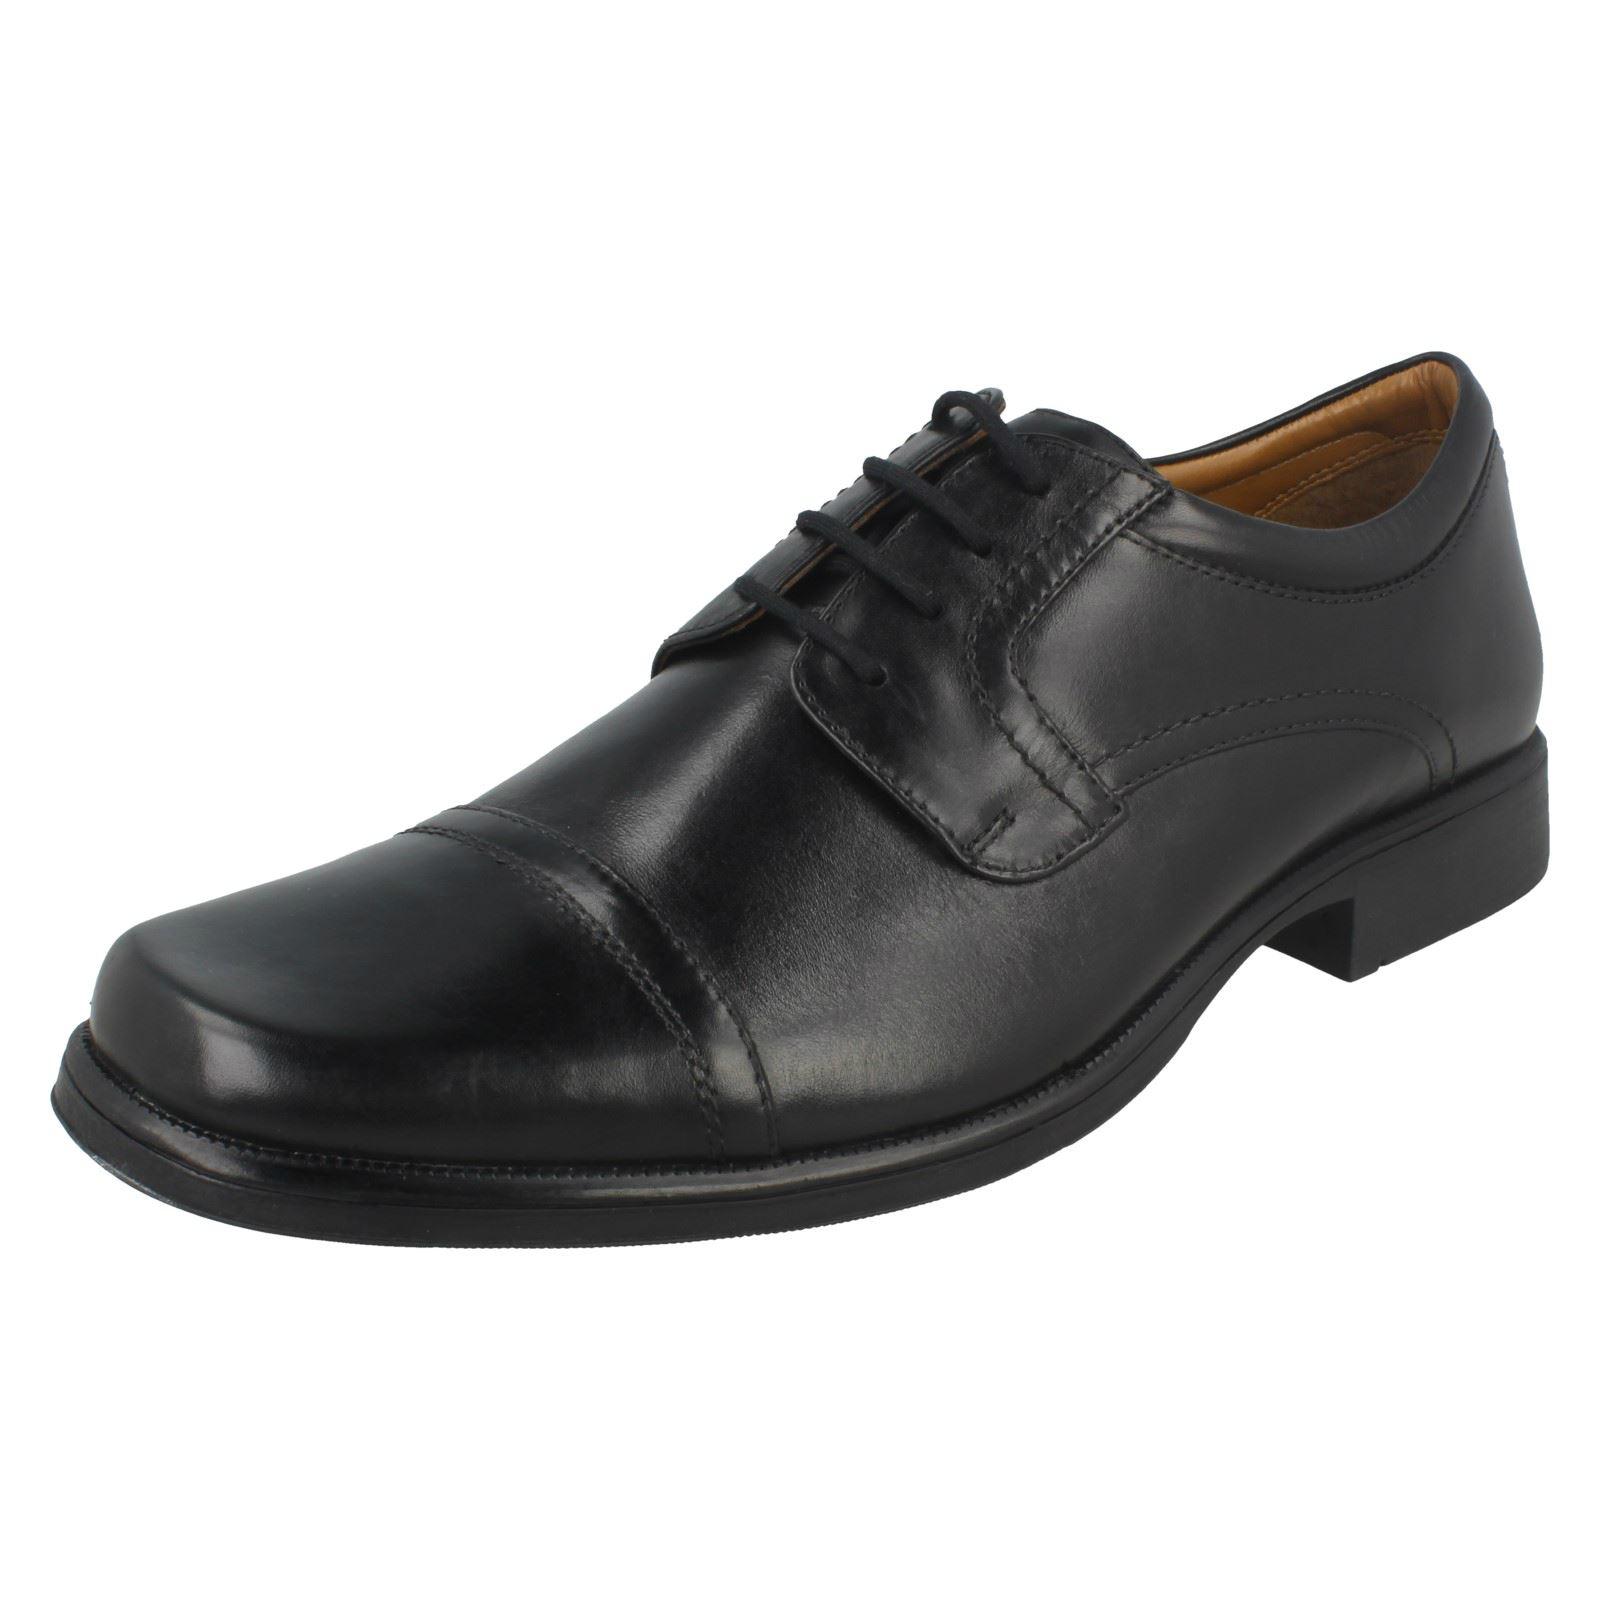 Mens Clarks Lace Up Formal Shoes 'harpcap' Diversifizierte Neueste Designs Business-schuhe